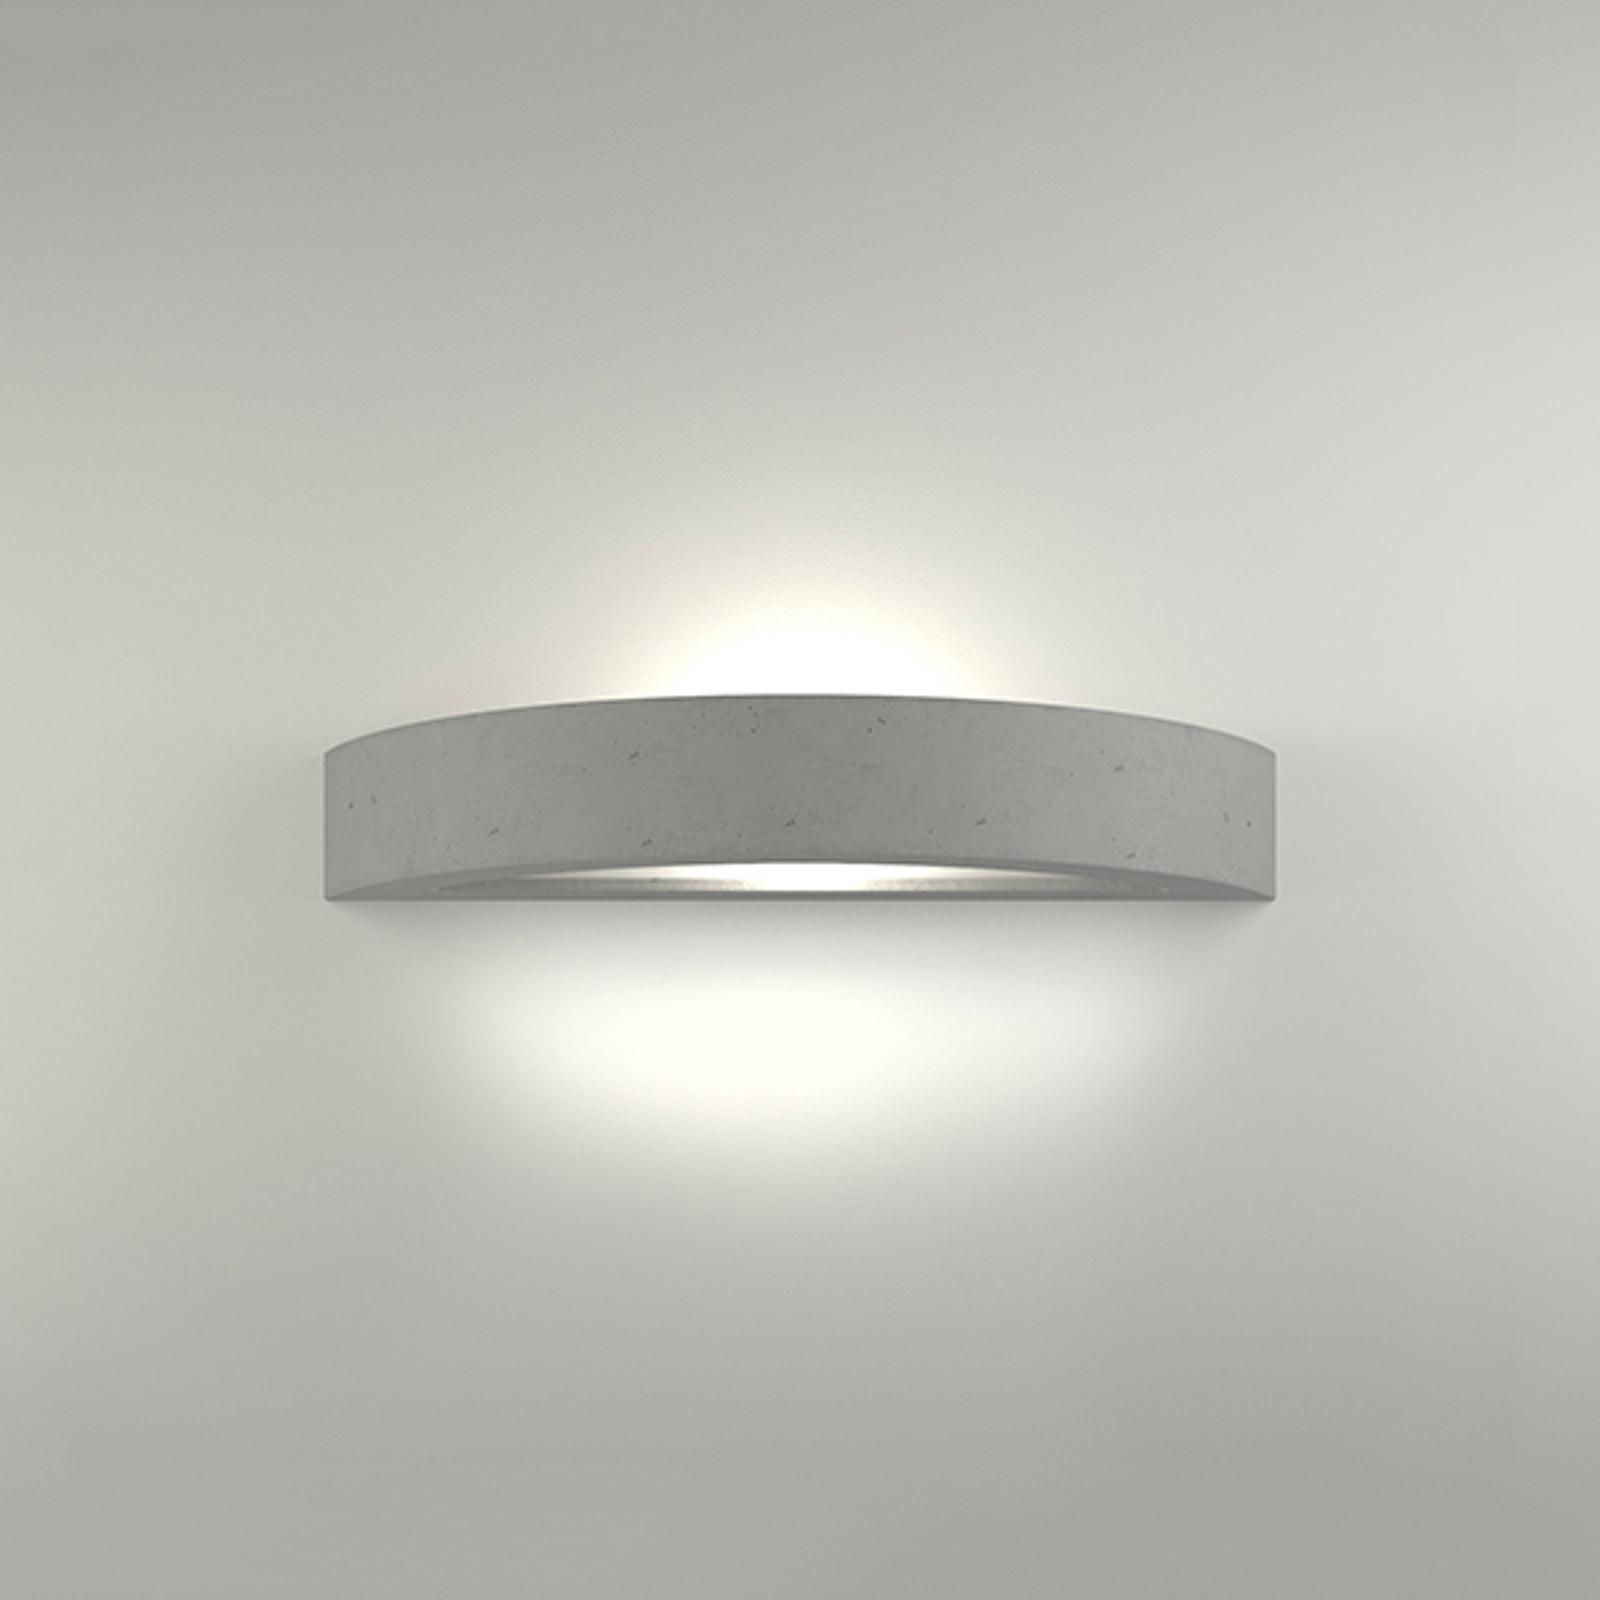 LED-Wandleuchte 2455 Beton 3.000 K nicht dimmbar